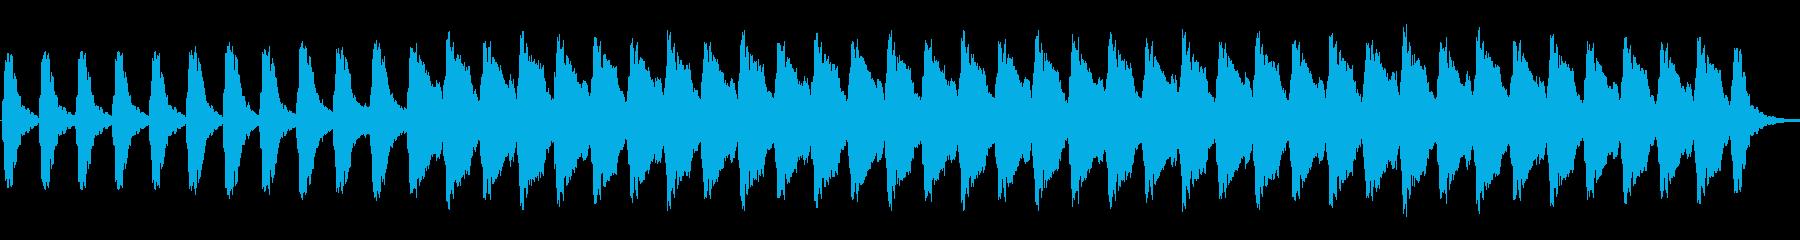 不気味かつ緊迫感のあるホラーアンビエントの再生済みの波形